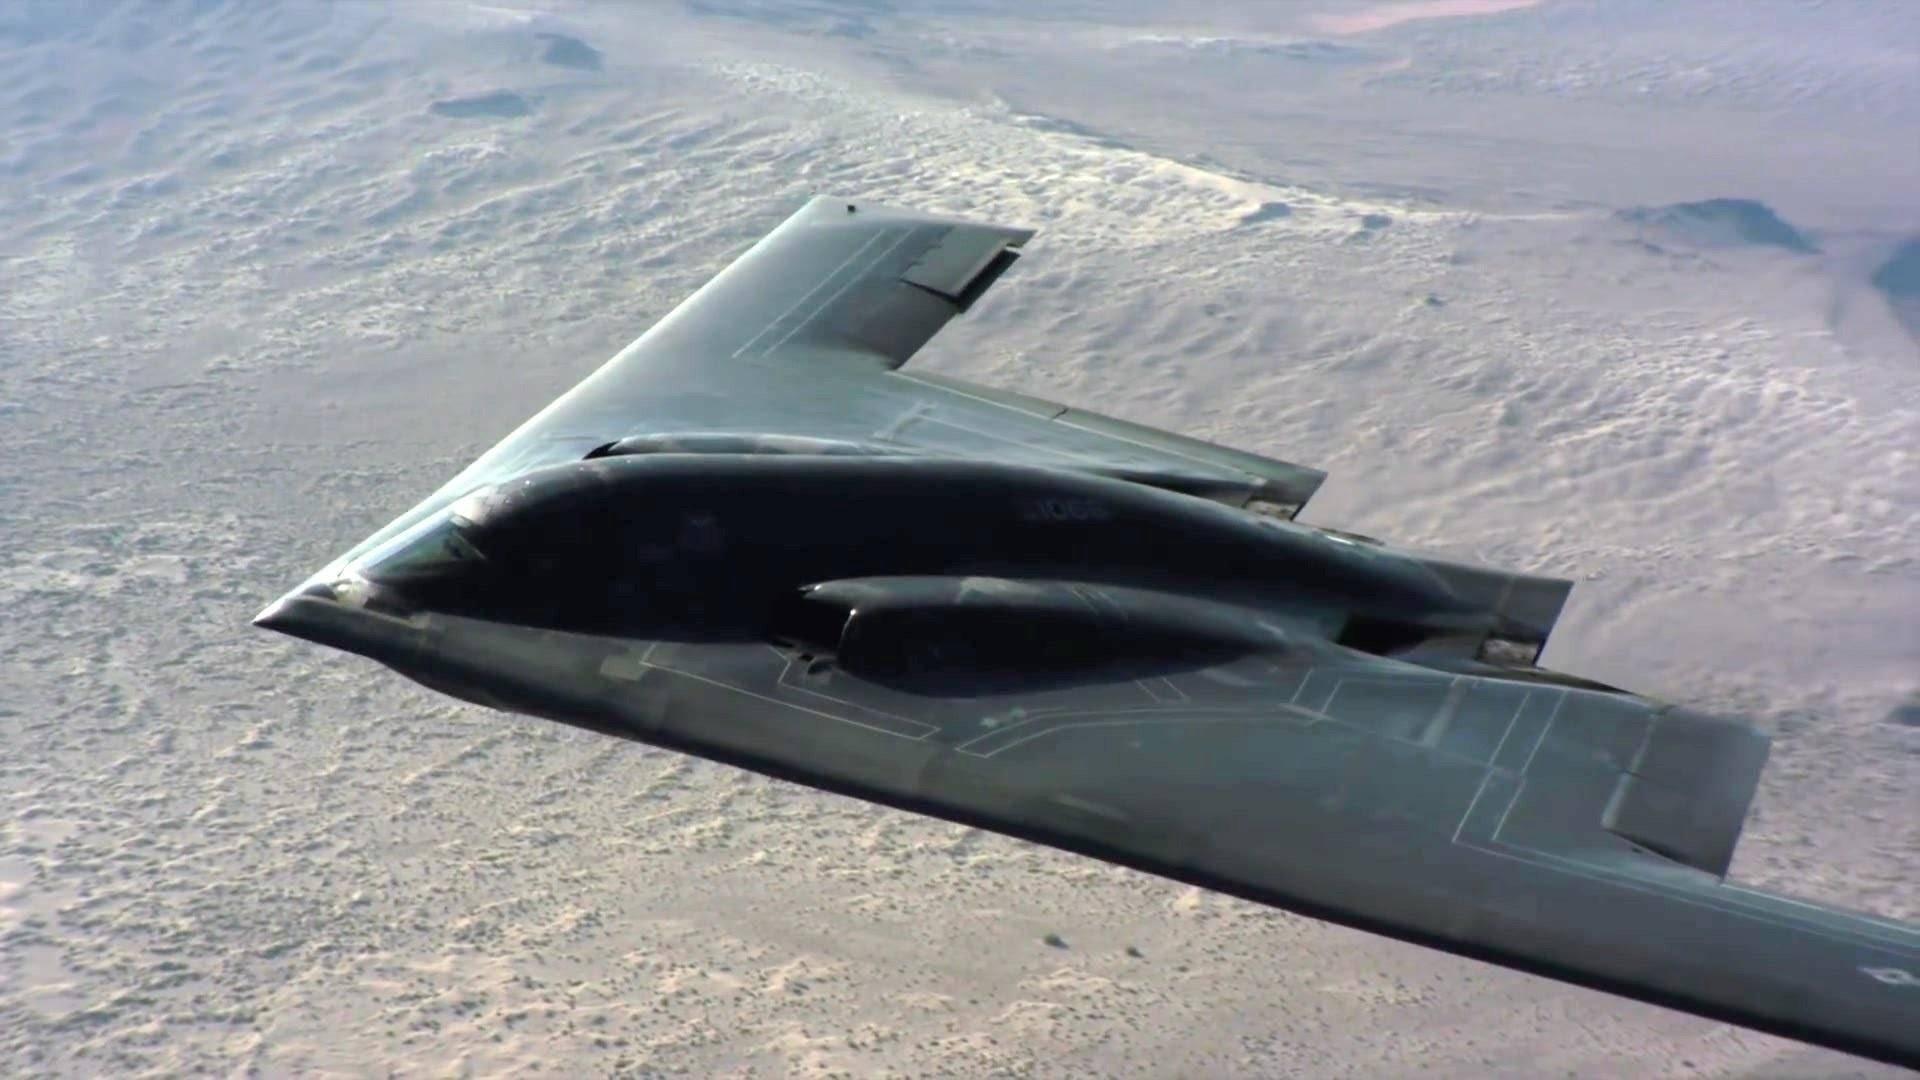 Стратегический бомбардировщик Northrop B-2 Spirit. История, описание и характеристики.